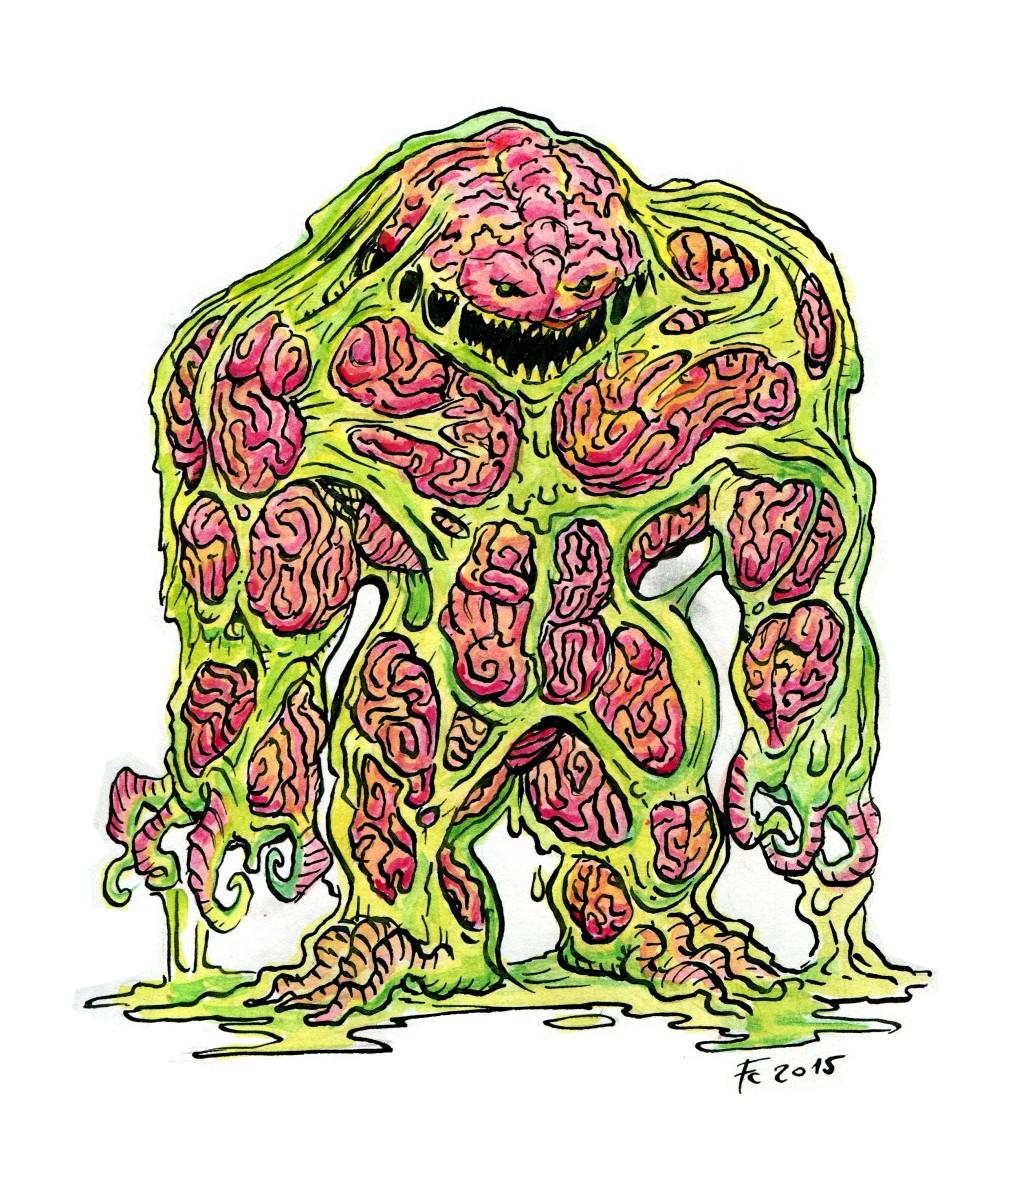 """clone-artist """"Eater of Knowledge"""", rivisitazione dei divoratori di sapere, emissari di Ilsensine - by clone-artist (Filip C.) clone-artist.deviantart.com (2015-02) © dell'autore tutti i diritti riservati"""